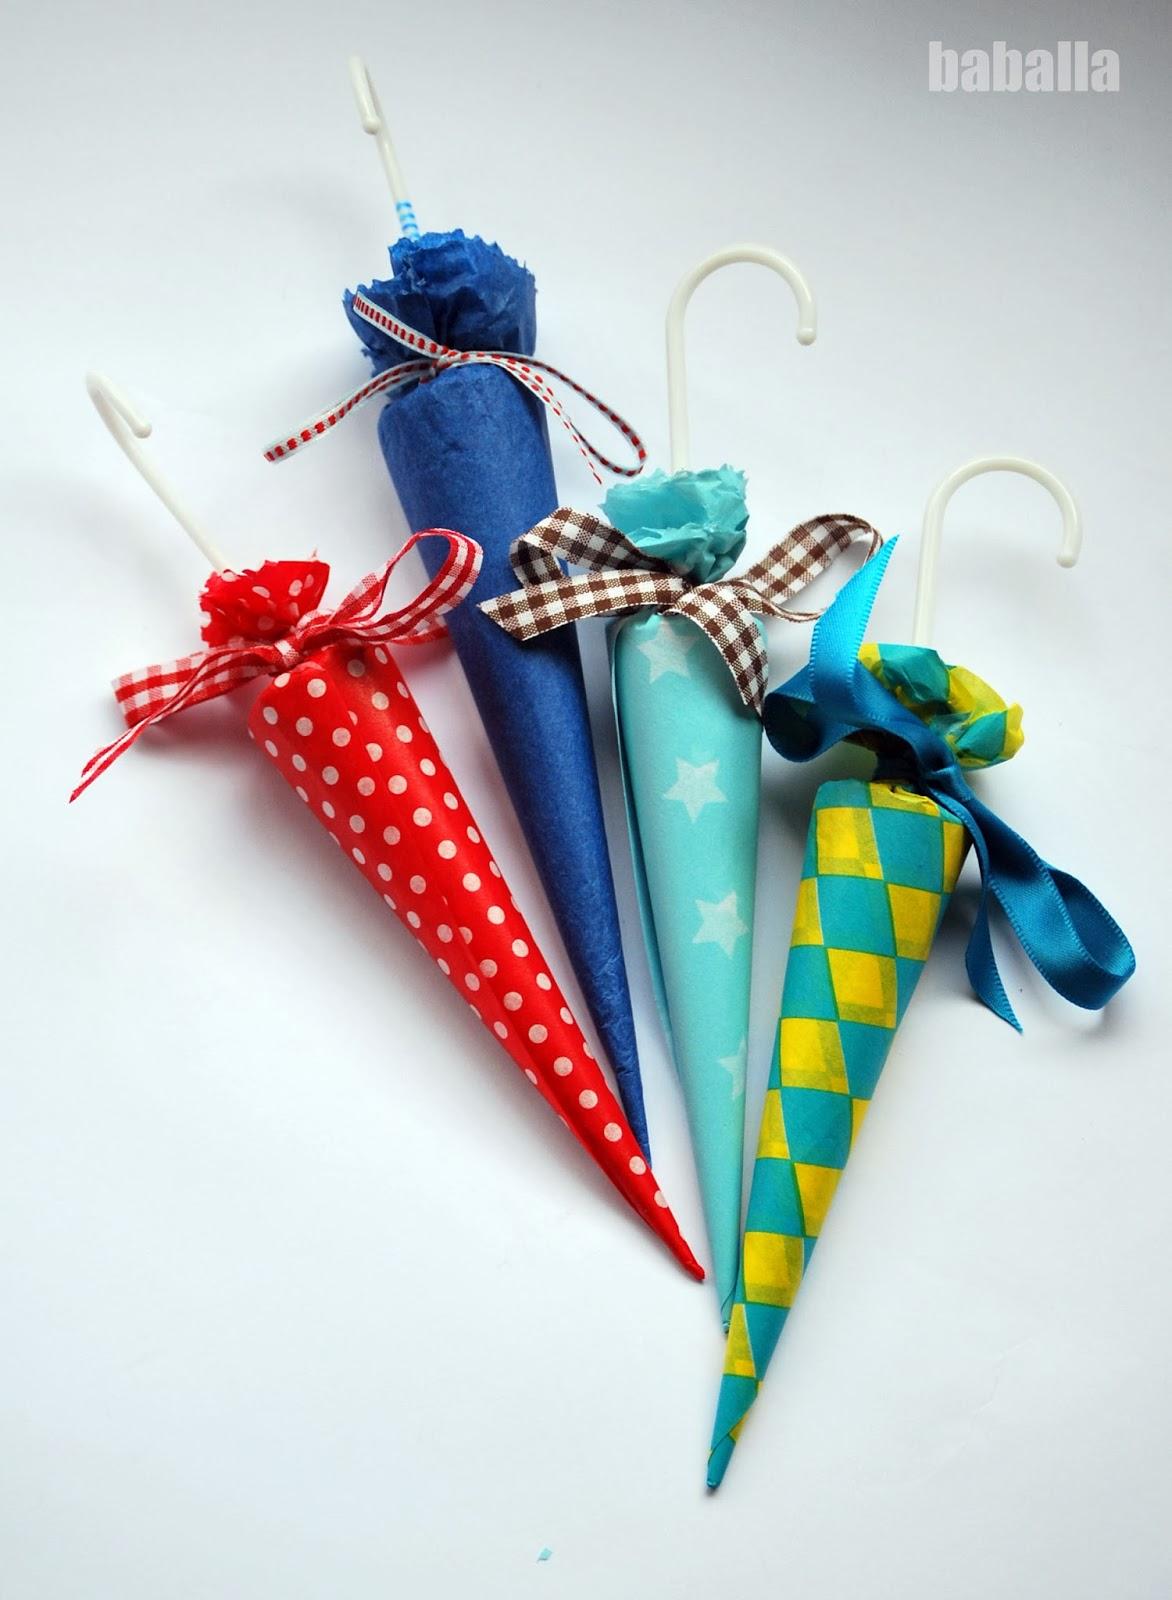 Diy paraguas de chocolate personal zalos chuches for Envolver brochetas de chuches